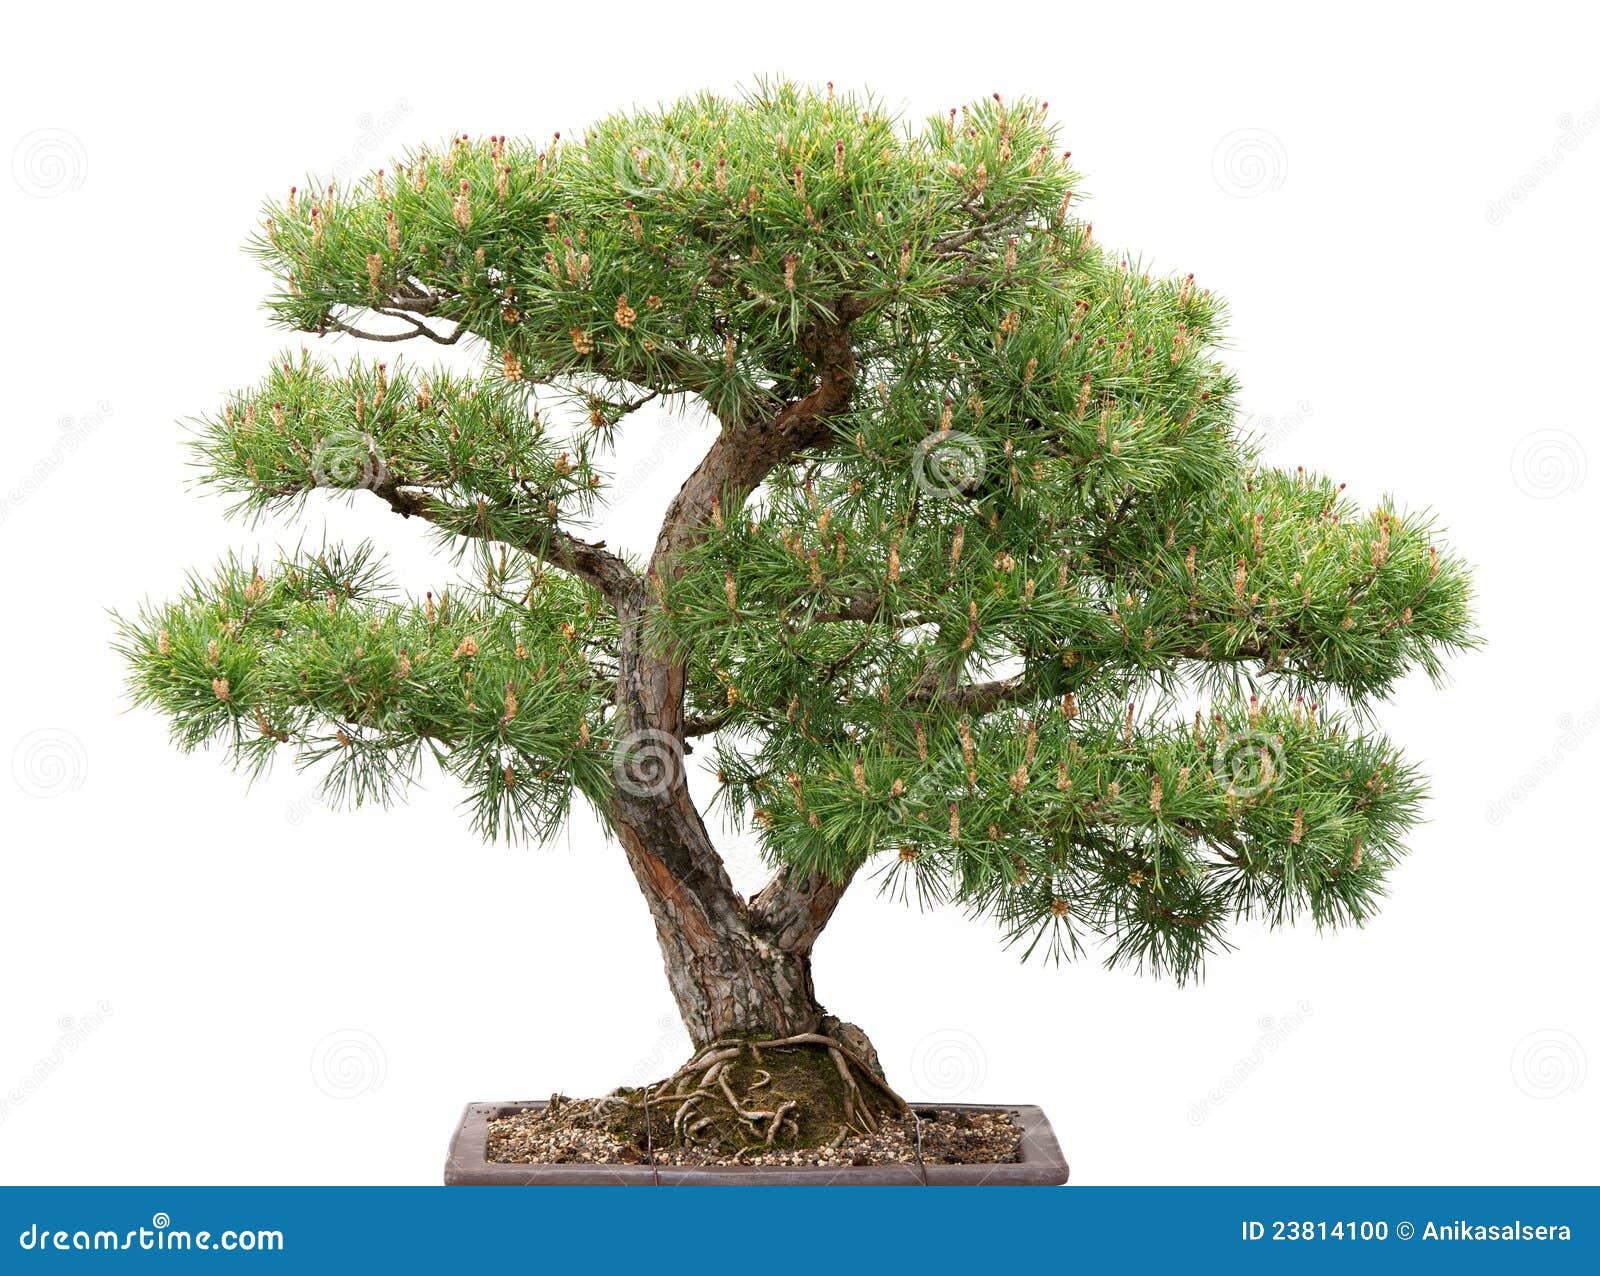 bonzaies arbre de pin sur le fond blanc photo stock image 23814100. Black Bedroom Furniture Sets. Home Design Ideas